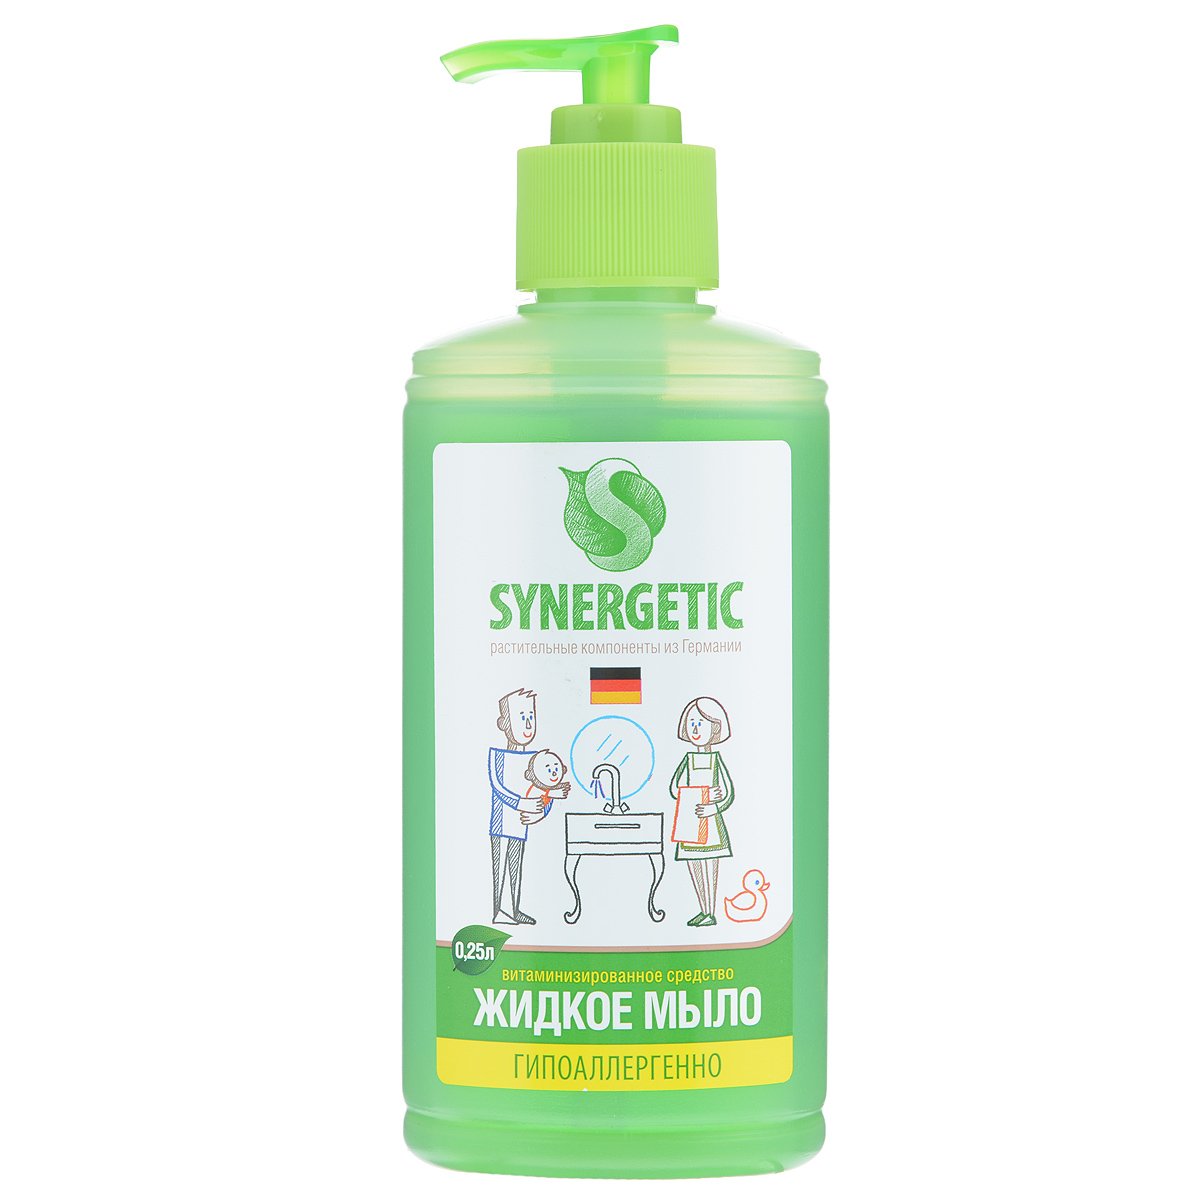 Жидкое мыло Synergetic, 250 мл105025Концентрированное жидкое мыло Synergetic подходит для бережного очищения кожи от любых загрязнений, обладает приятным натуральным ароматом. Особая формула интенсивно питает и защищает вашу кожу, Благодаря только растительным компонентам, входящих в состав, мыло безопасно для детей и животных.Состав: 5-15% А-тензиды (растительного происхождения), глицерин, экстракт полевых трав, пищевой краситель.Товар сертифицирован.Как выбрать качественную бытовую химию, безопасную для природы и людей. Статья OZON Гид